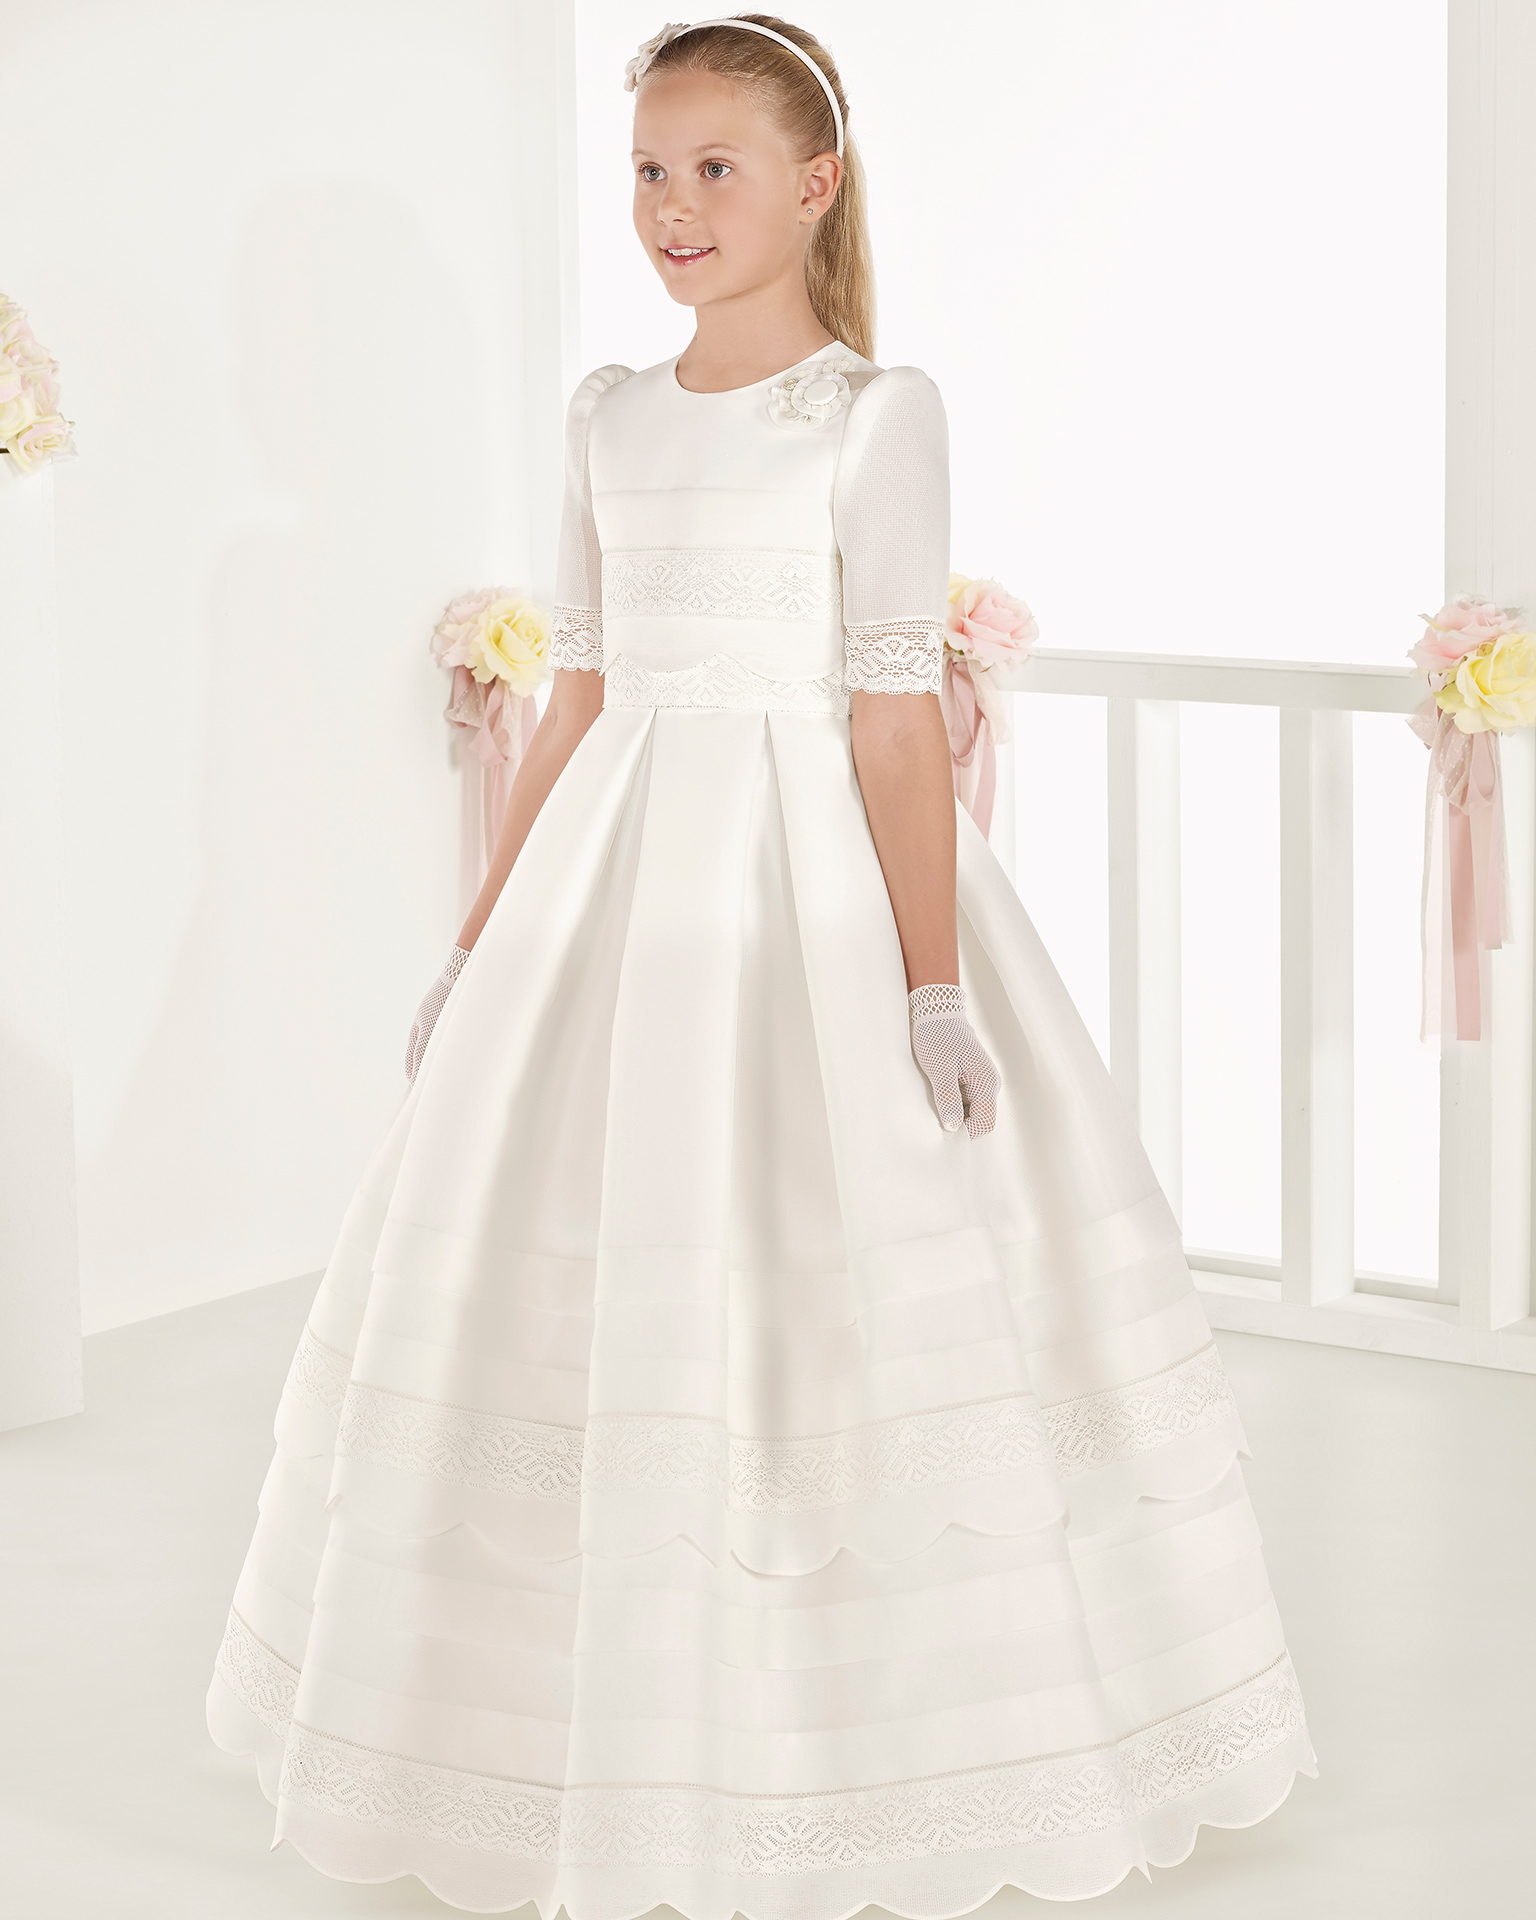 象牙色经典款篮式编织初次圣礼裙,采用中腰和细褶设计。 AIRE COMUNION 新品系列 2018.